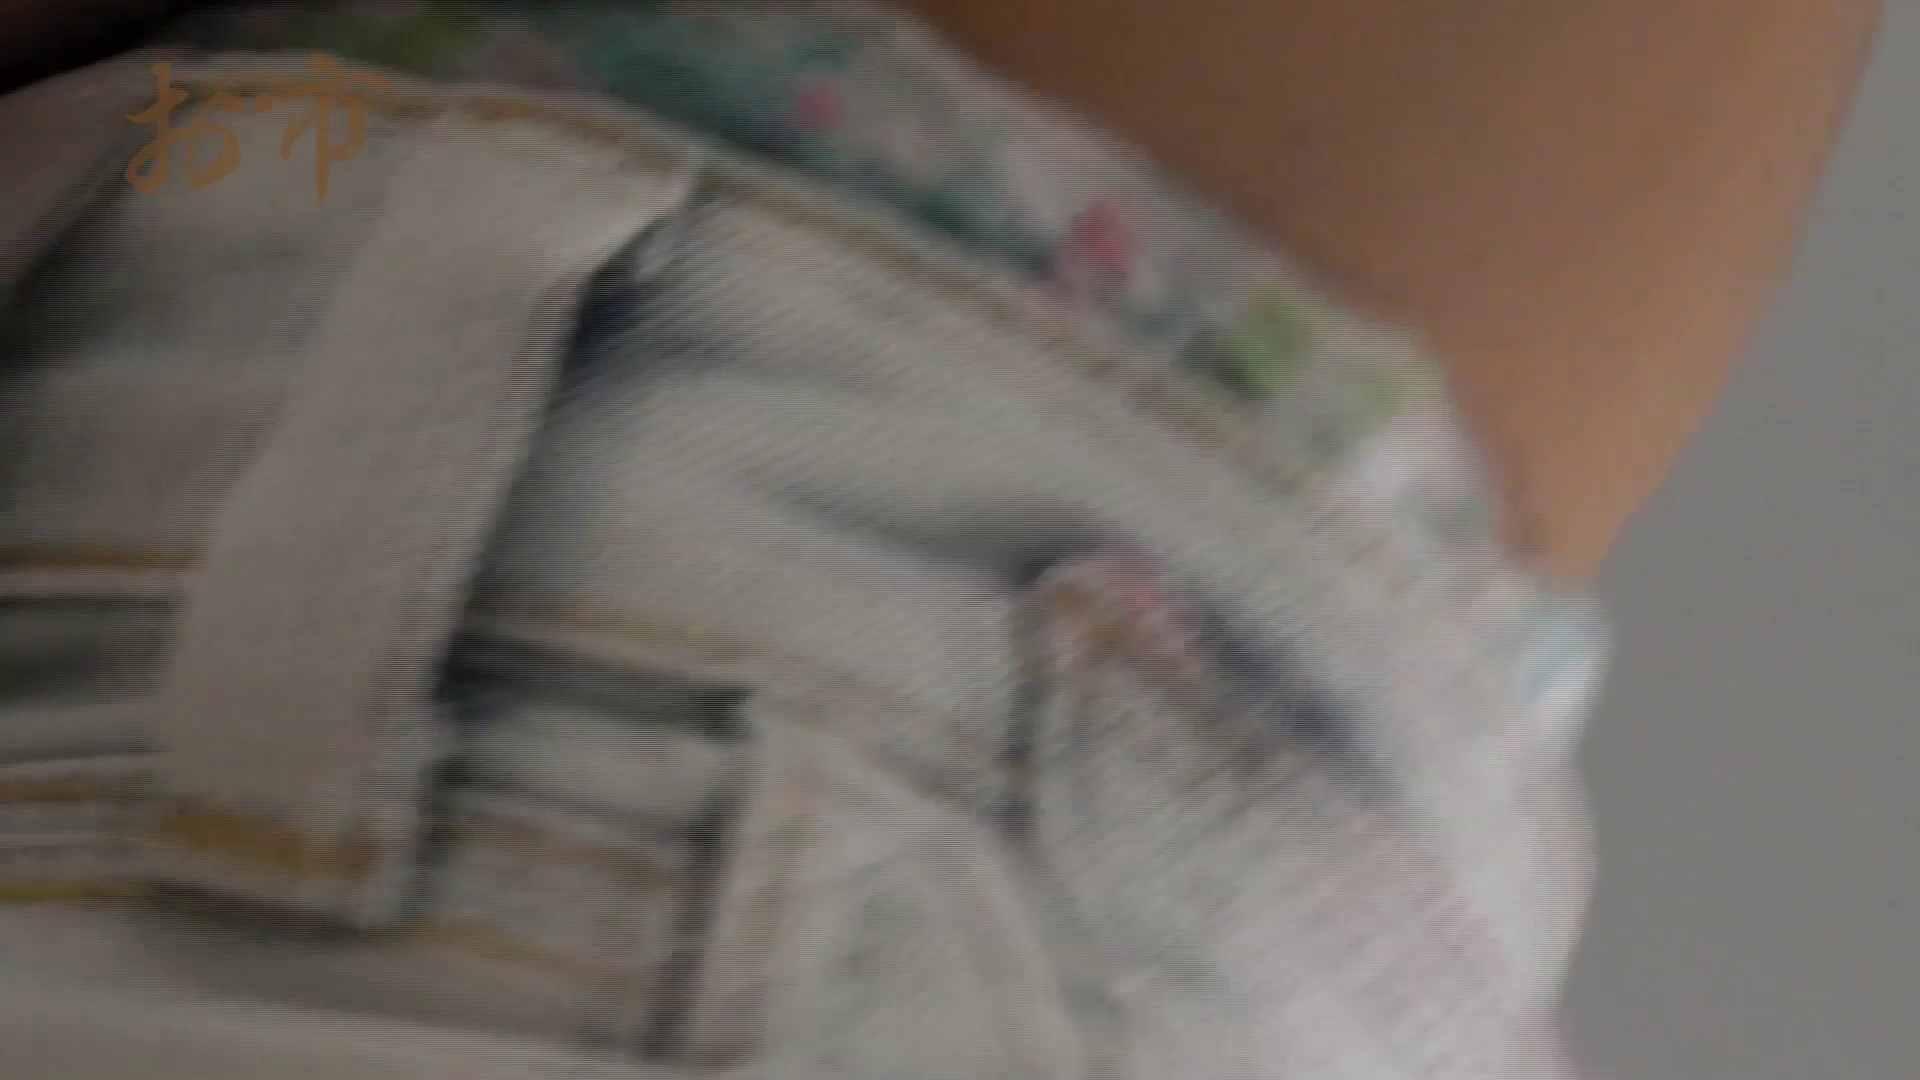 潜入!!台湾名門女学院 Vol.12 長身モデル驚き見たことないシチュエーション 盗撮 AV動画キャプチャ 101pic 43